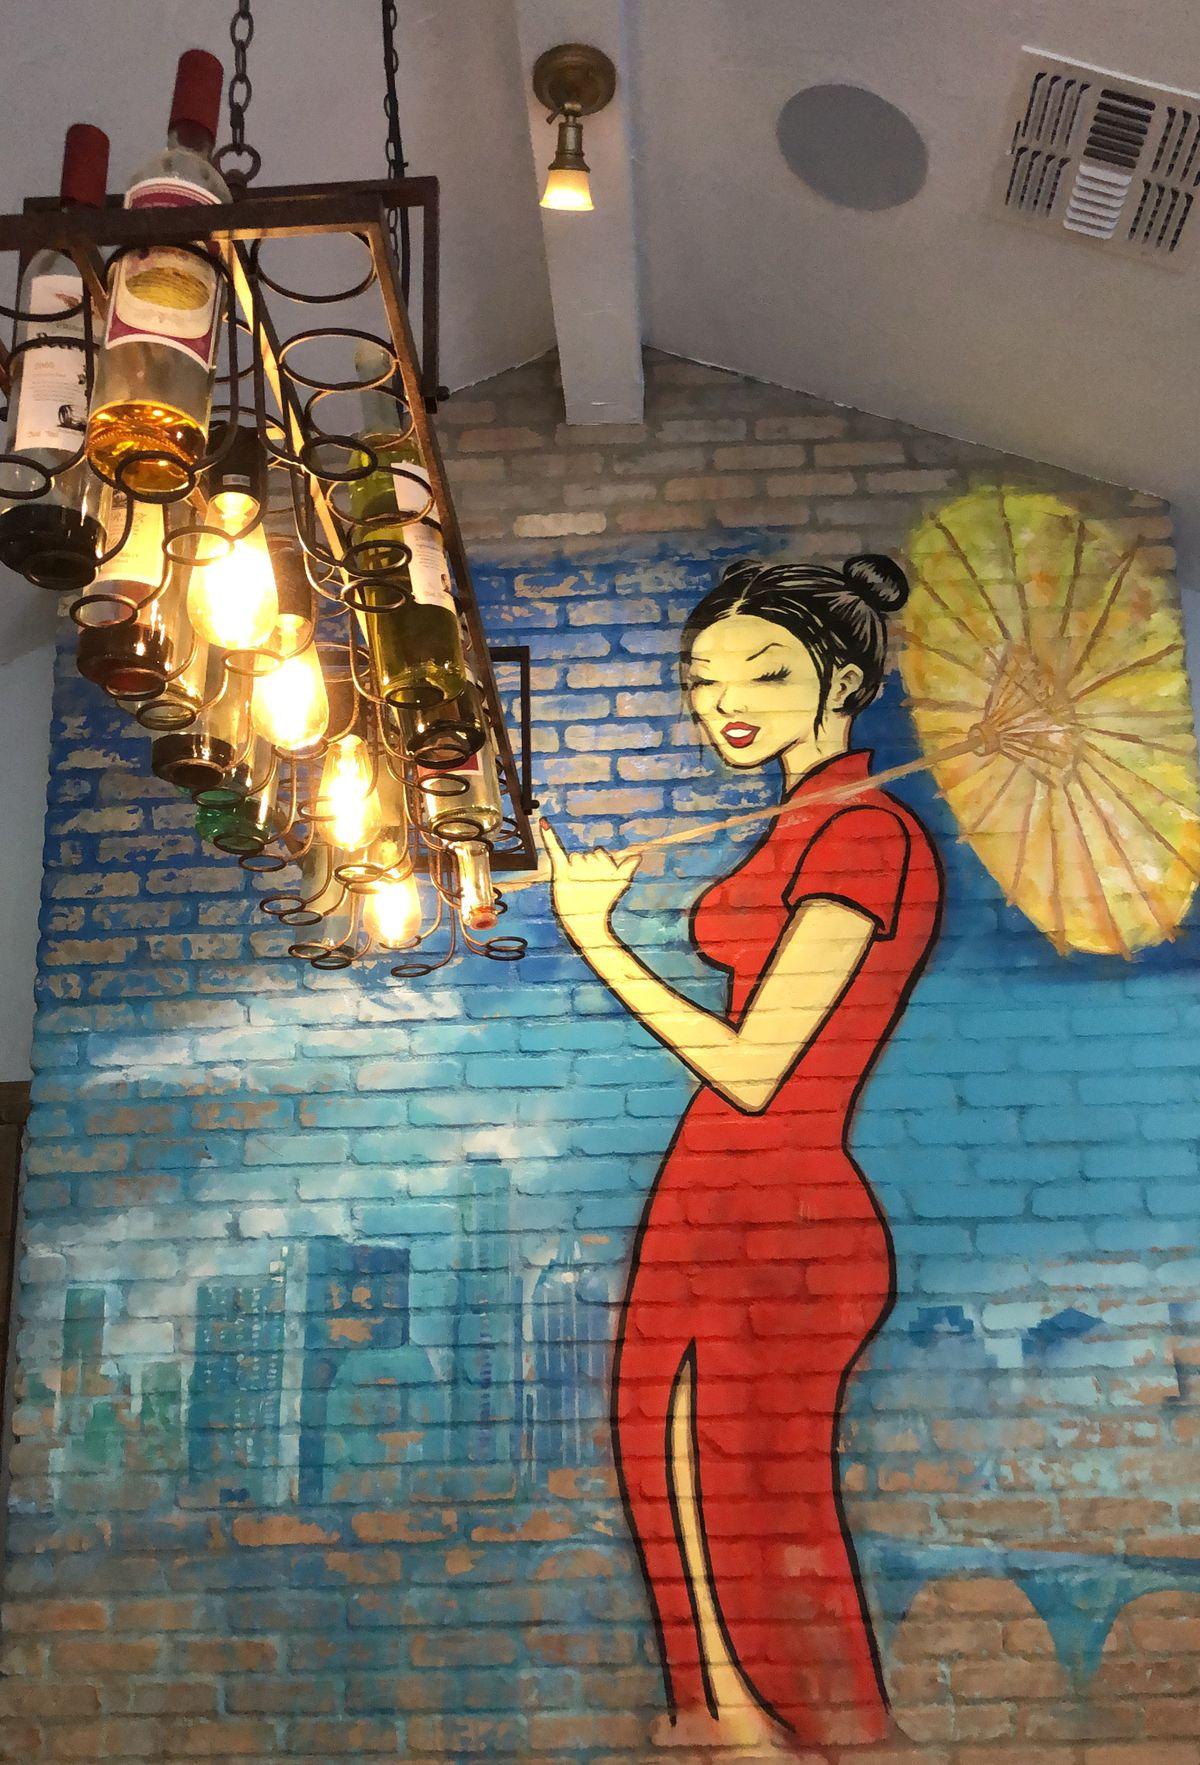 The mural at Lin Asian Bar